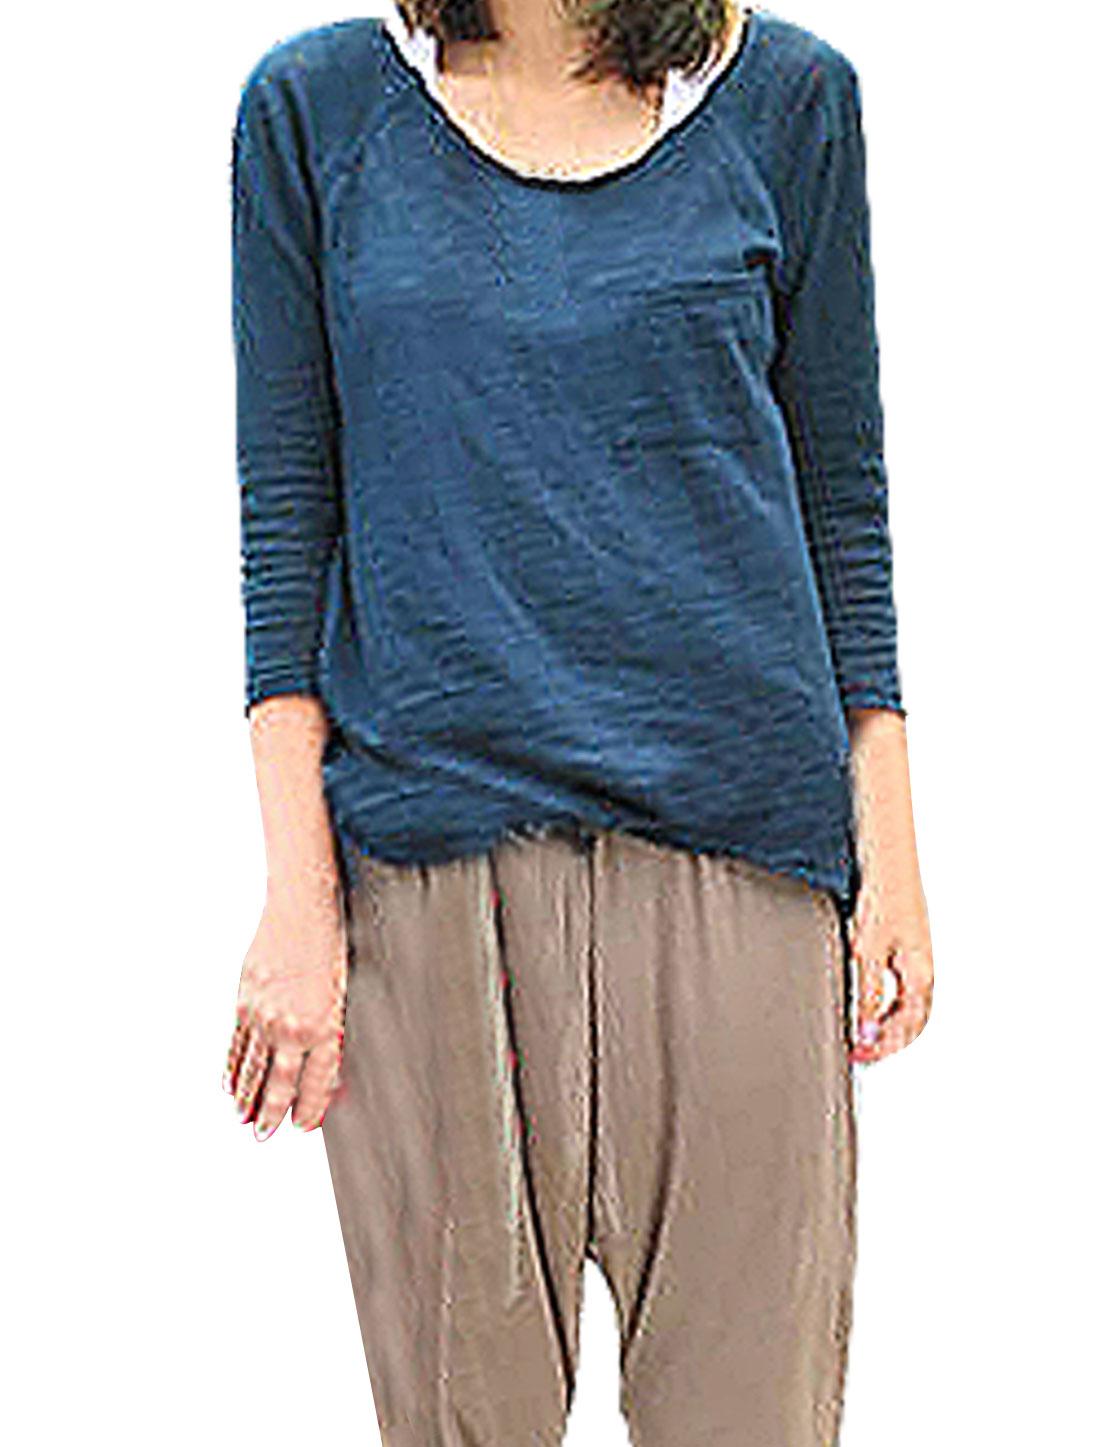 Woman Scoop Neck Long Sleeve Irregular Hem Shirt Top Navy Blue XS